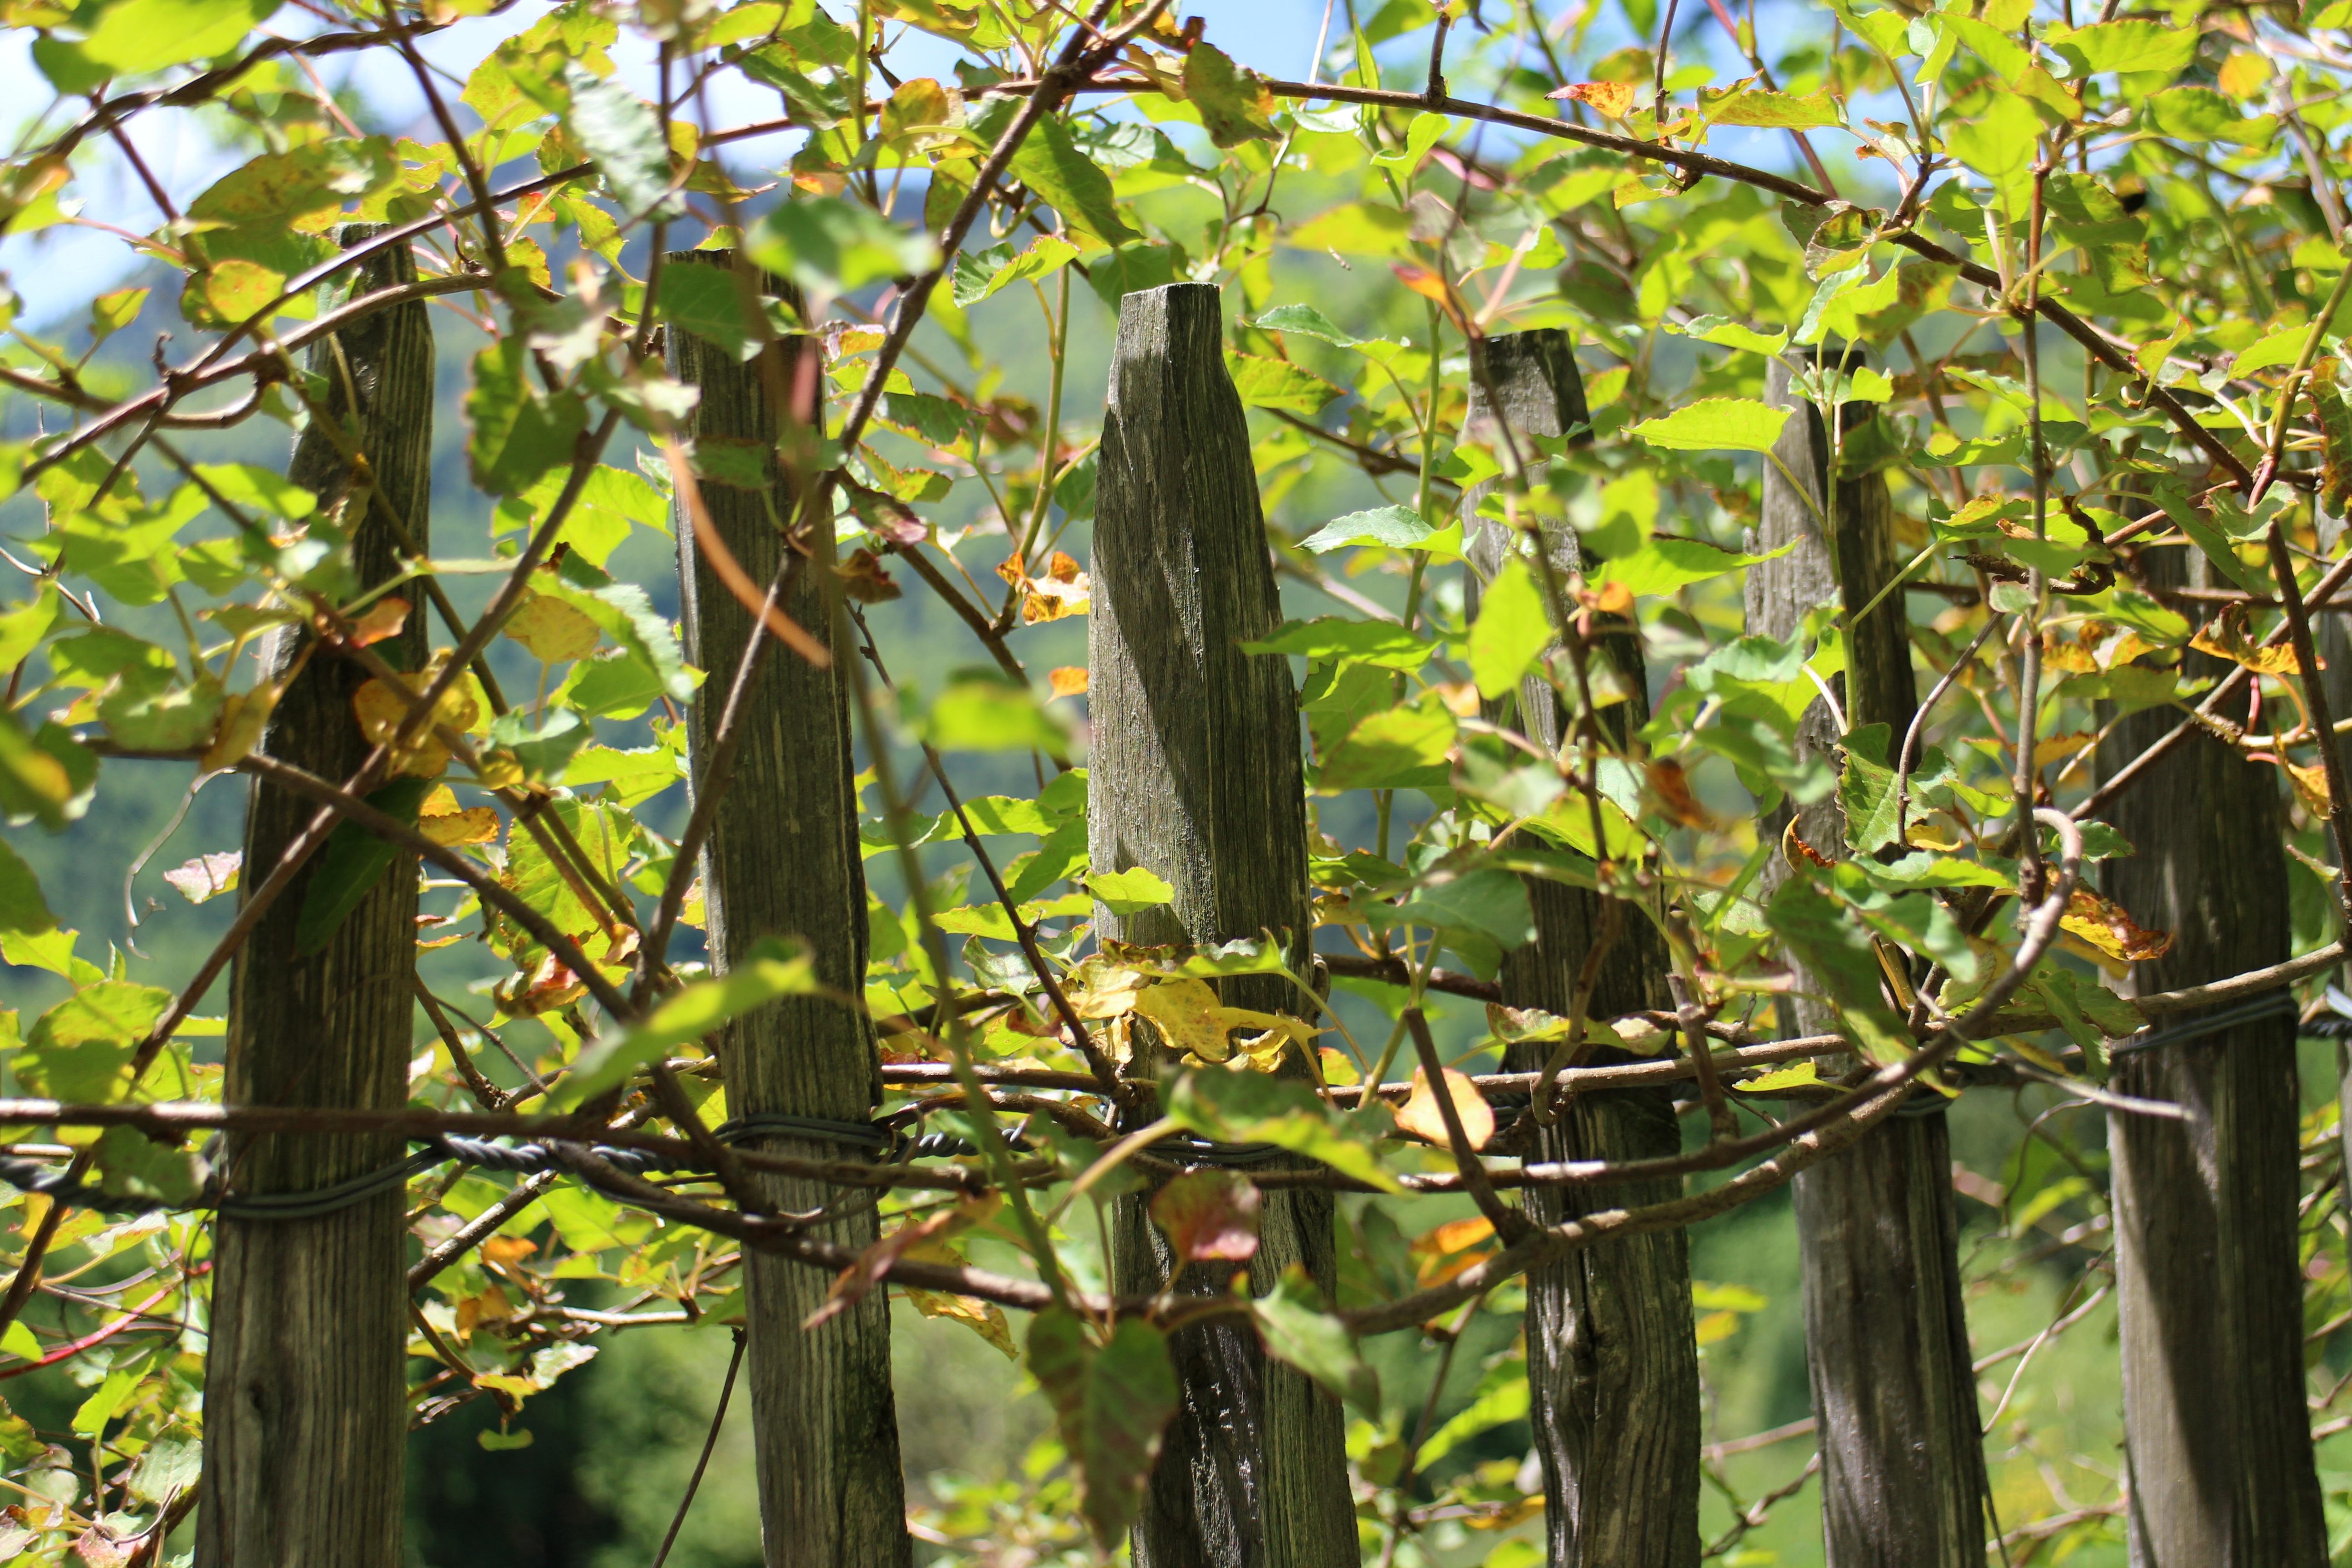 Fotos Gratis Arbol Rama Cerca Crecimiento Fruta Hoja Flor - Arbustos-para-vallas